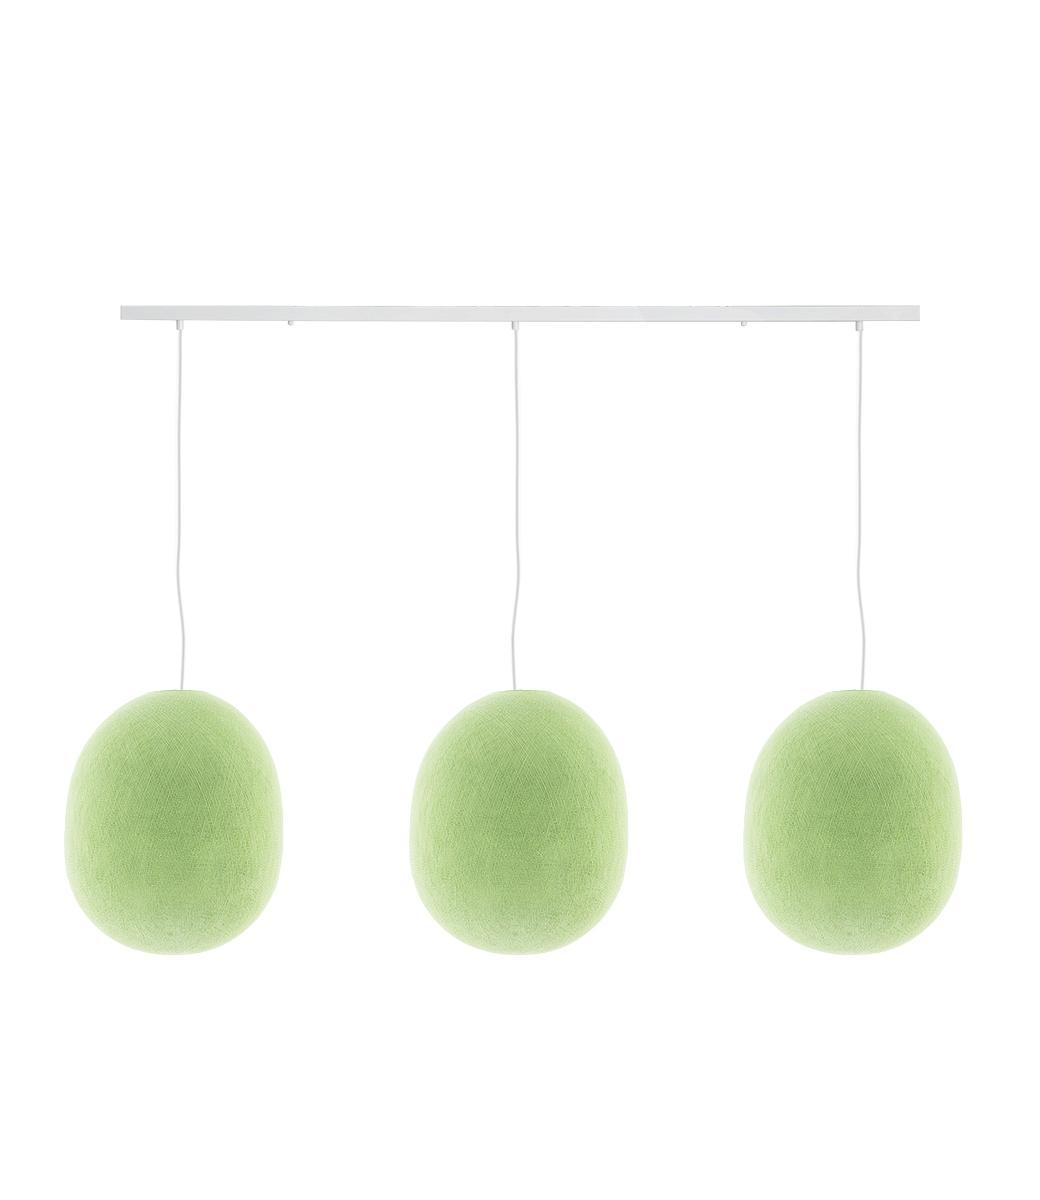 Cotton Ball Lights Drievoudige hanglamp balk - Oval Powder Green